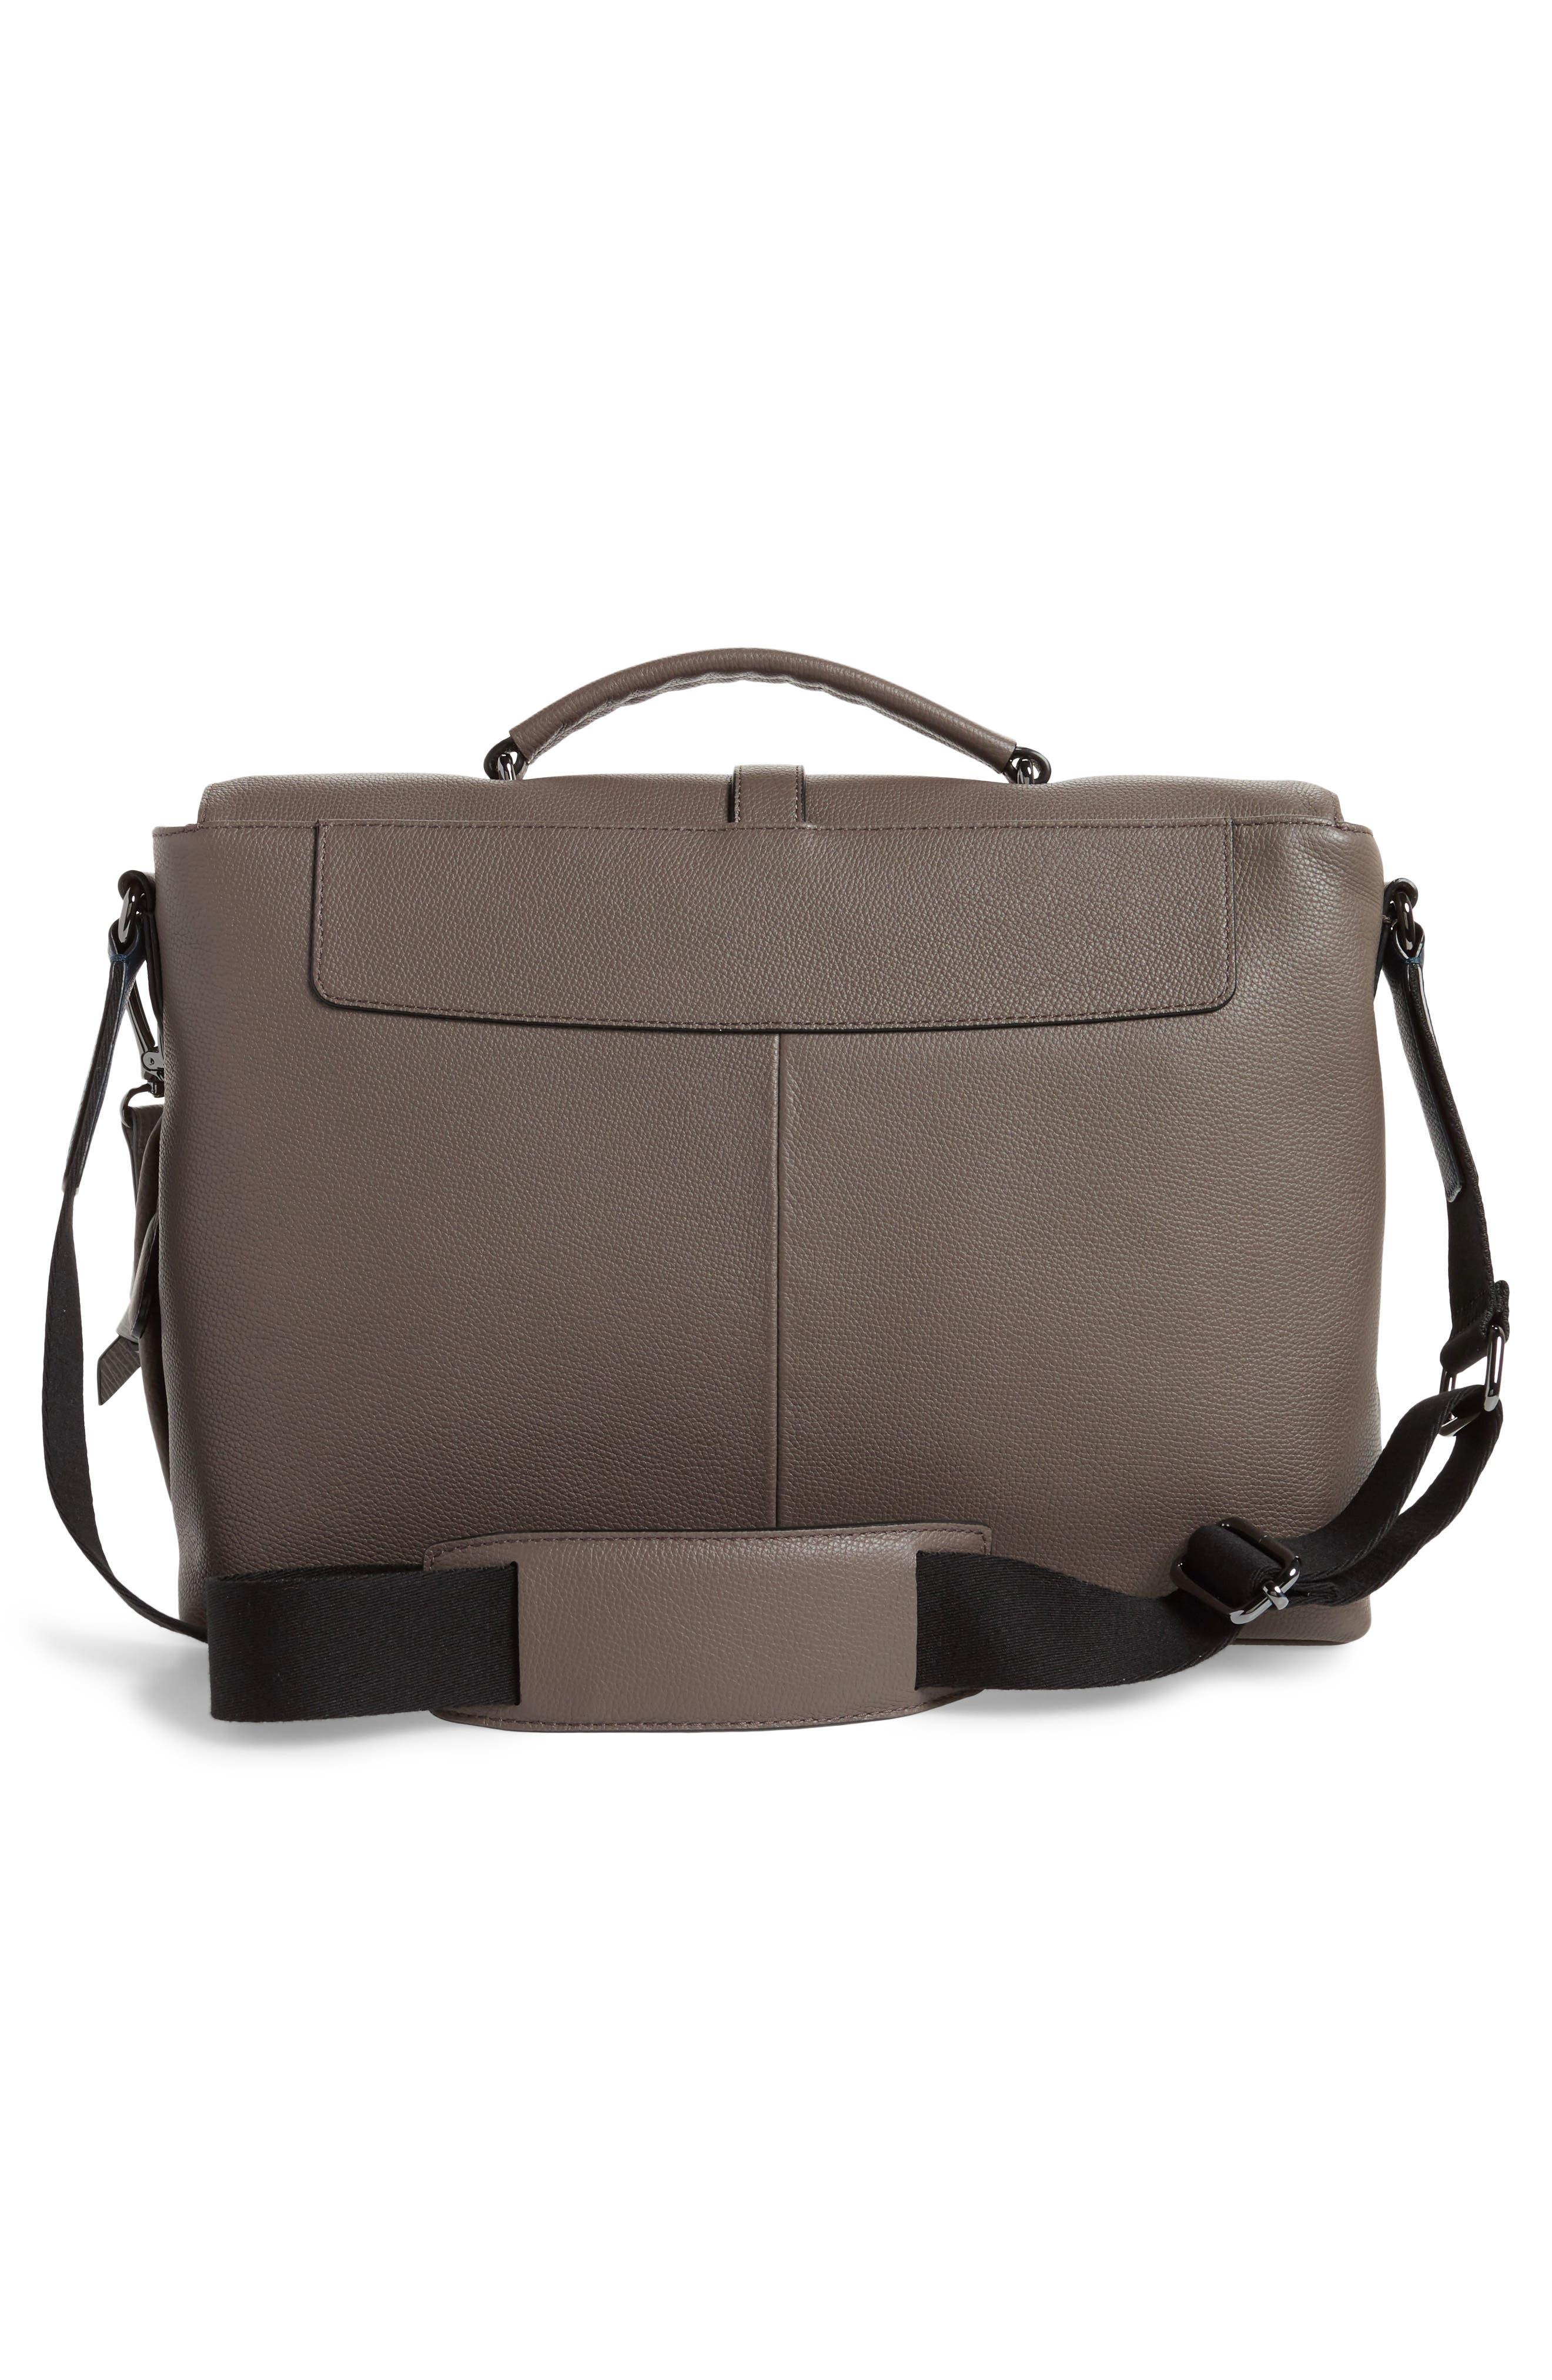 Ted Baker Sandune Leather Messenger Bag,                             Alternate thumbnail 3, color,                             030